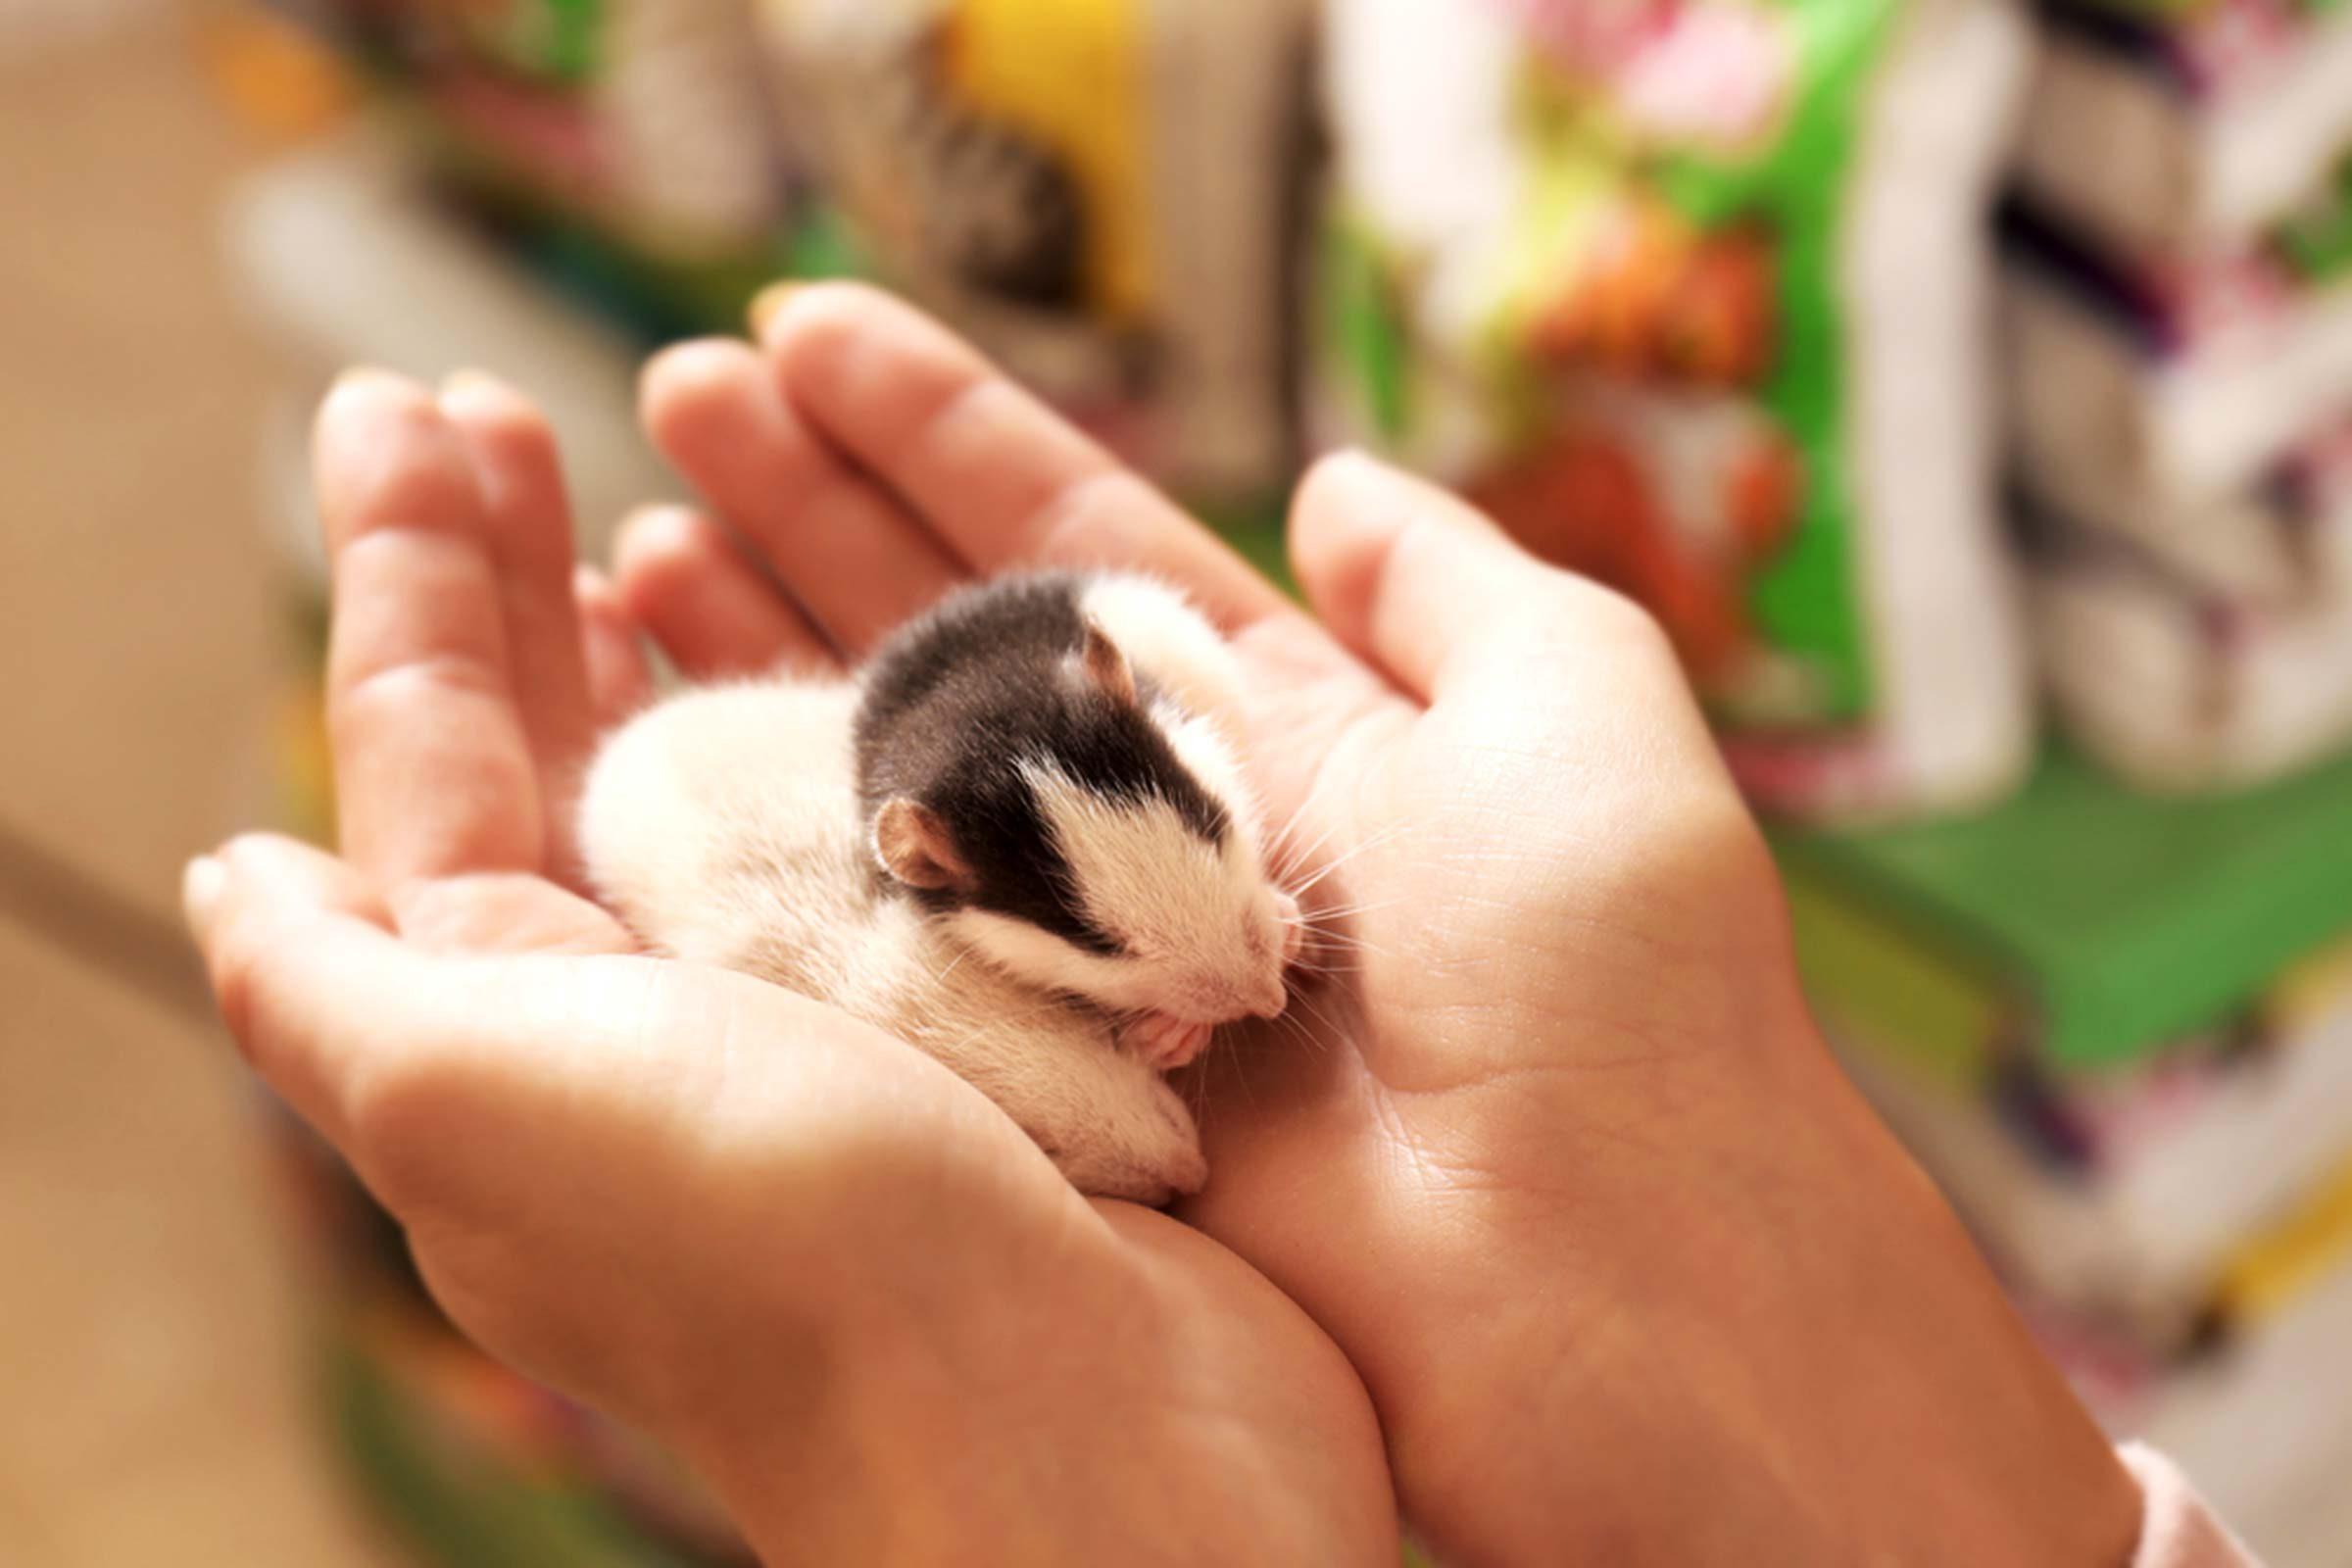 Animalerie: Les rats sont très amicaux